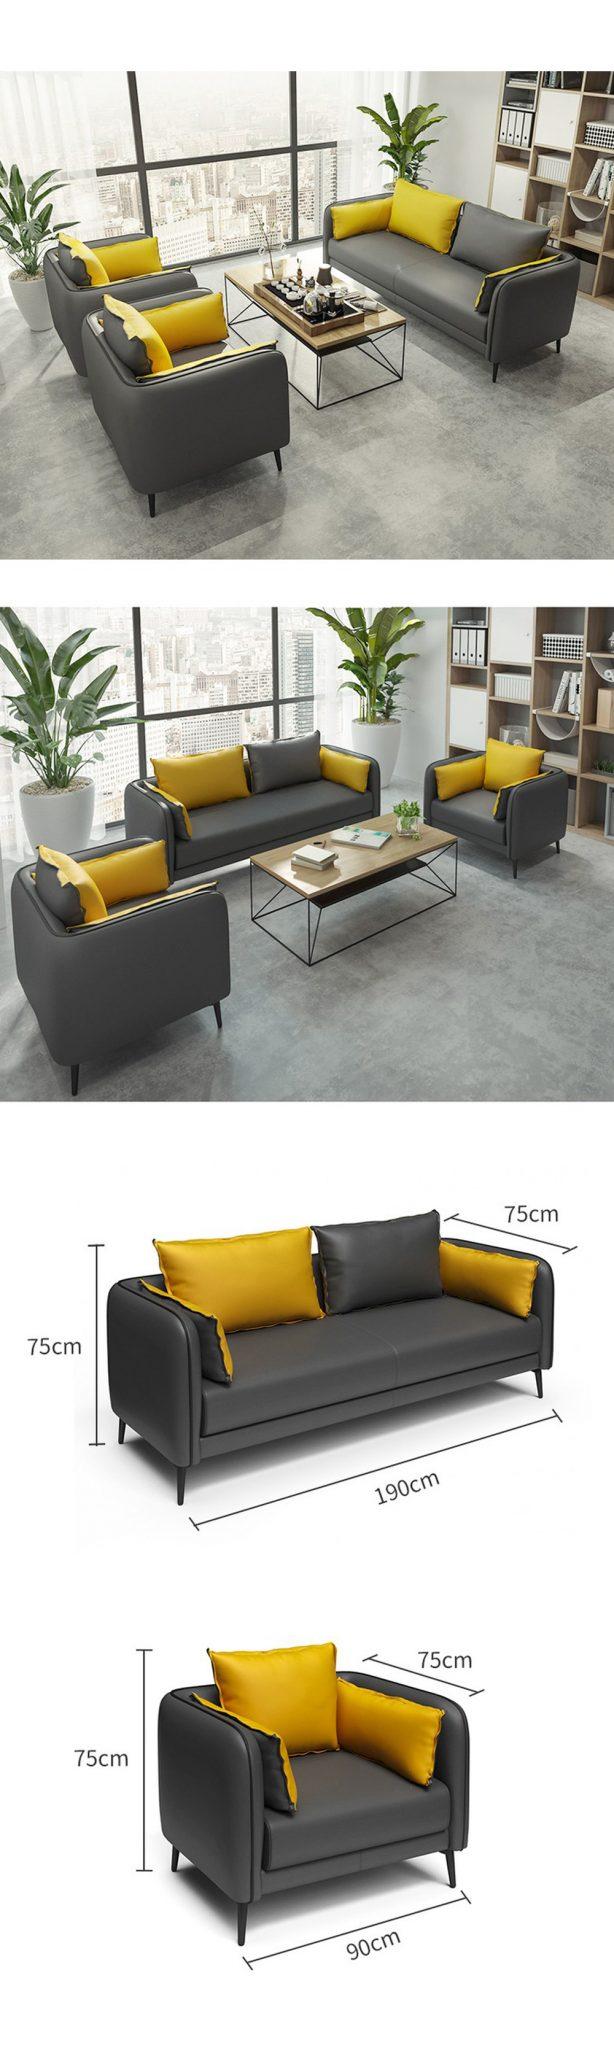 Ghế sofa cao cấp đạt tiêu chuẩn sẽ có tính năng hỗ trợ cơ thể hơn so với những bộ ghế thông thường được làm bằng gỗ. Điều đó cũng sẽ giúp giảm bớt những đau nhức, mệt mỏi.